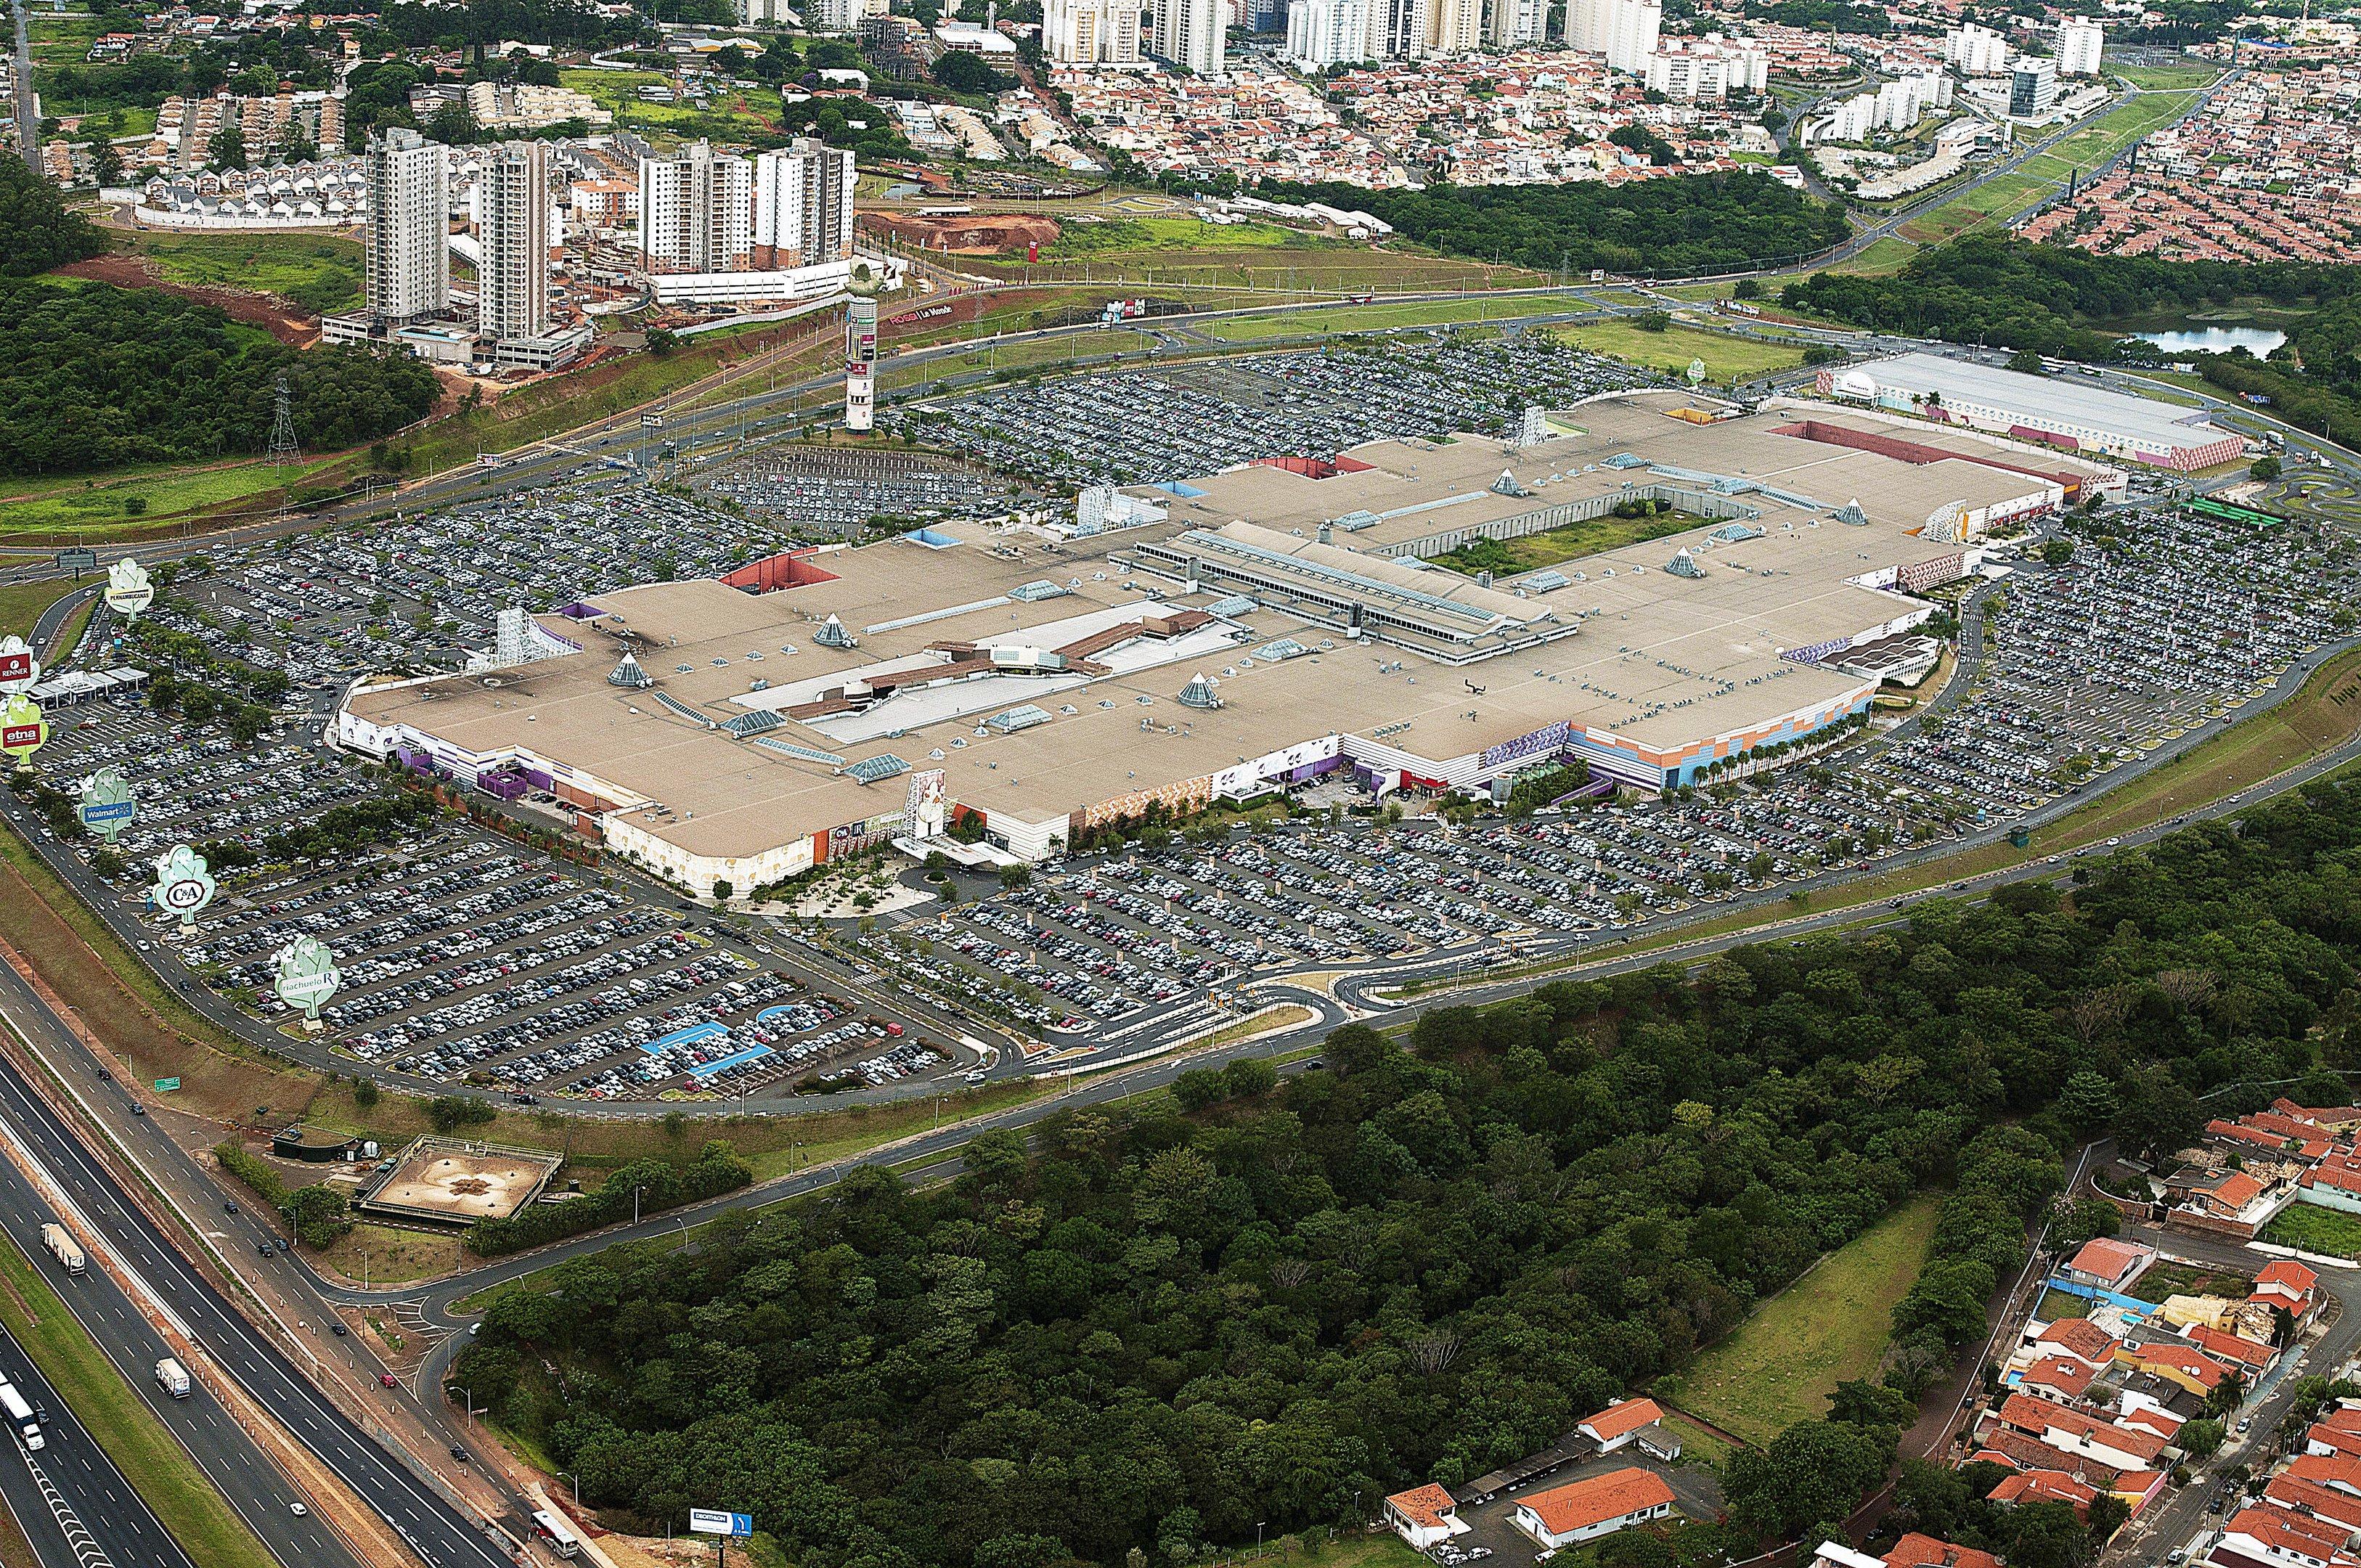 Vista aérea do Parque Dom Pedro, shopping em Campinas, SP